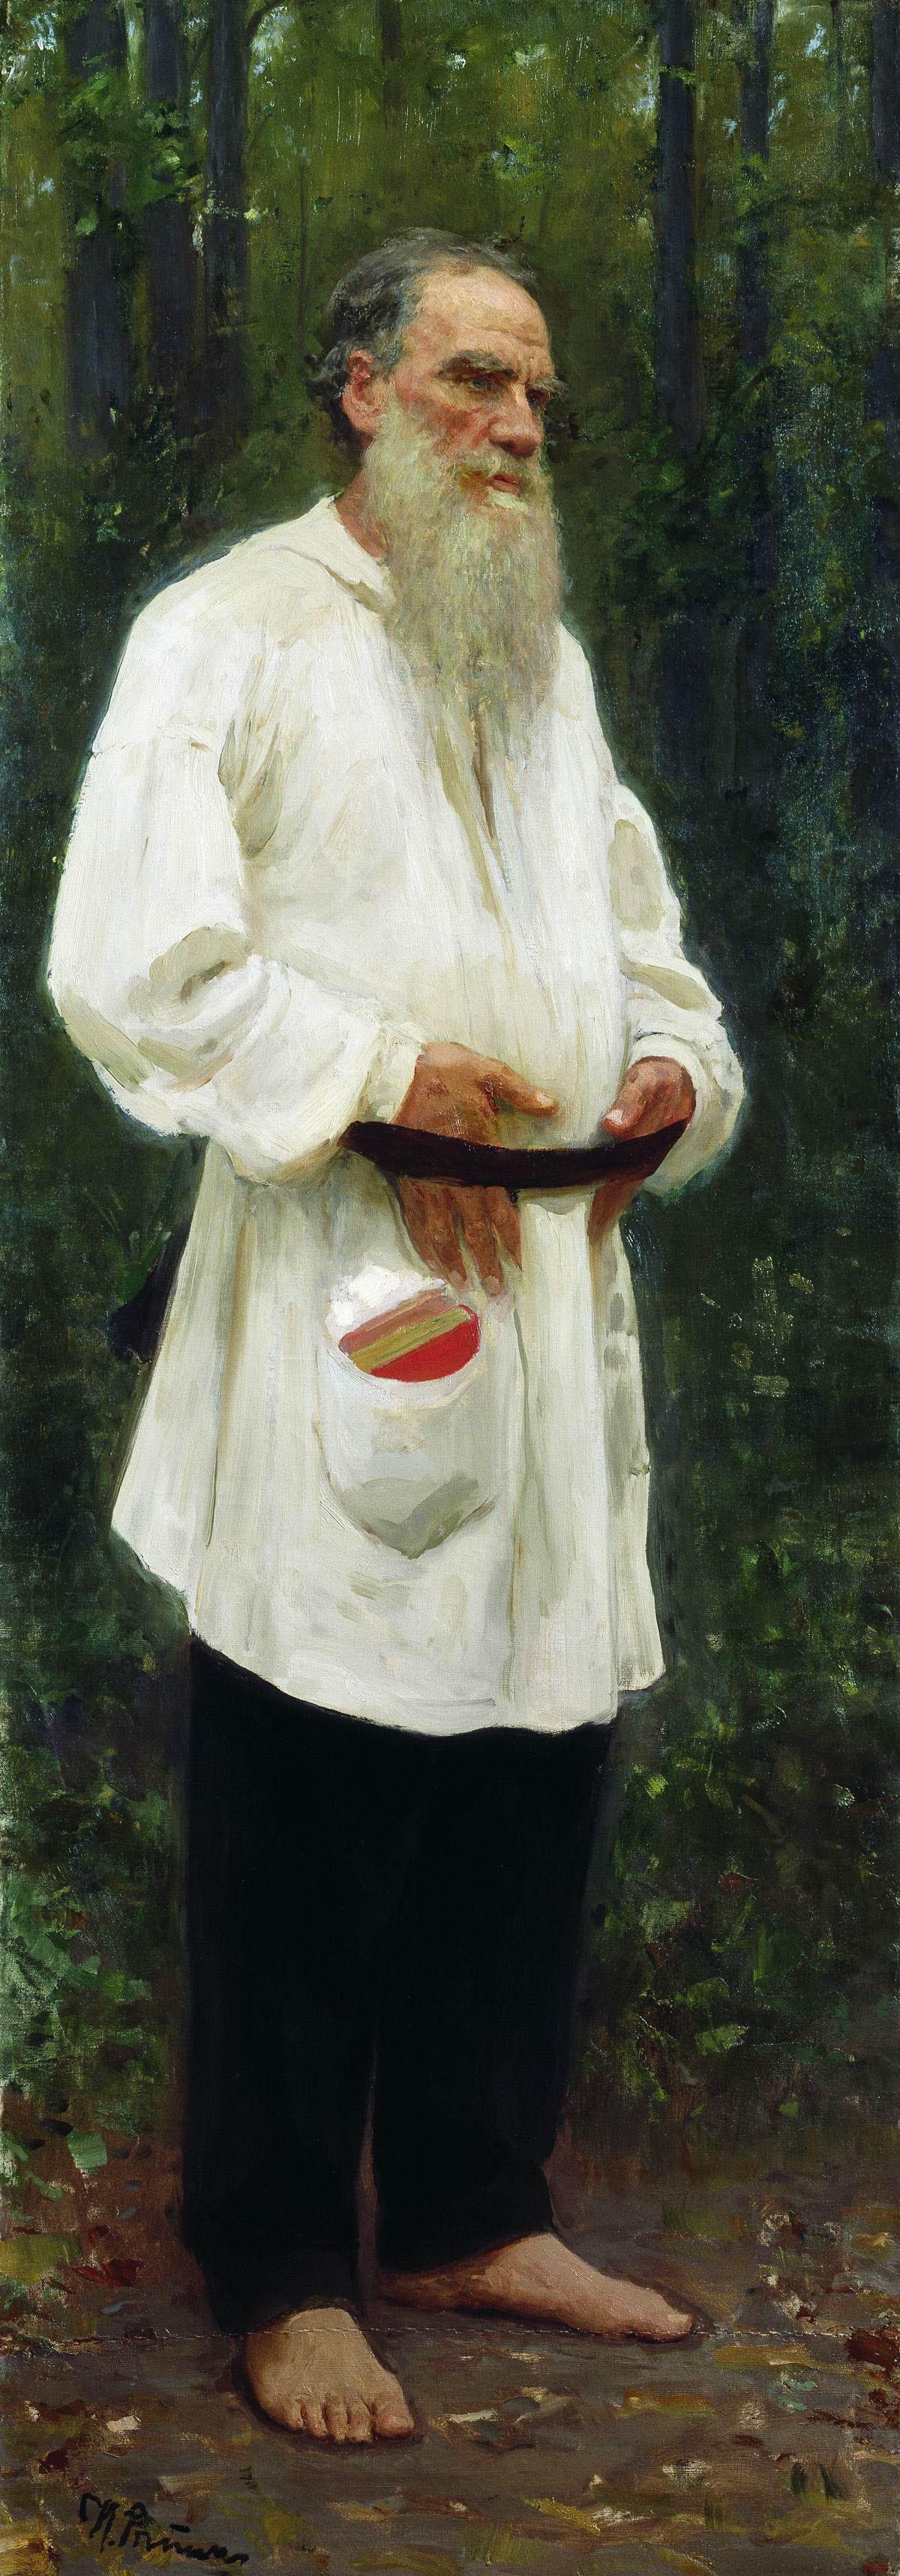 「裸足のレフ・トルストイ」、イリヤ・レーピン、1901年